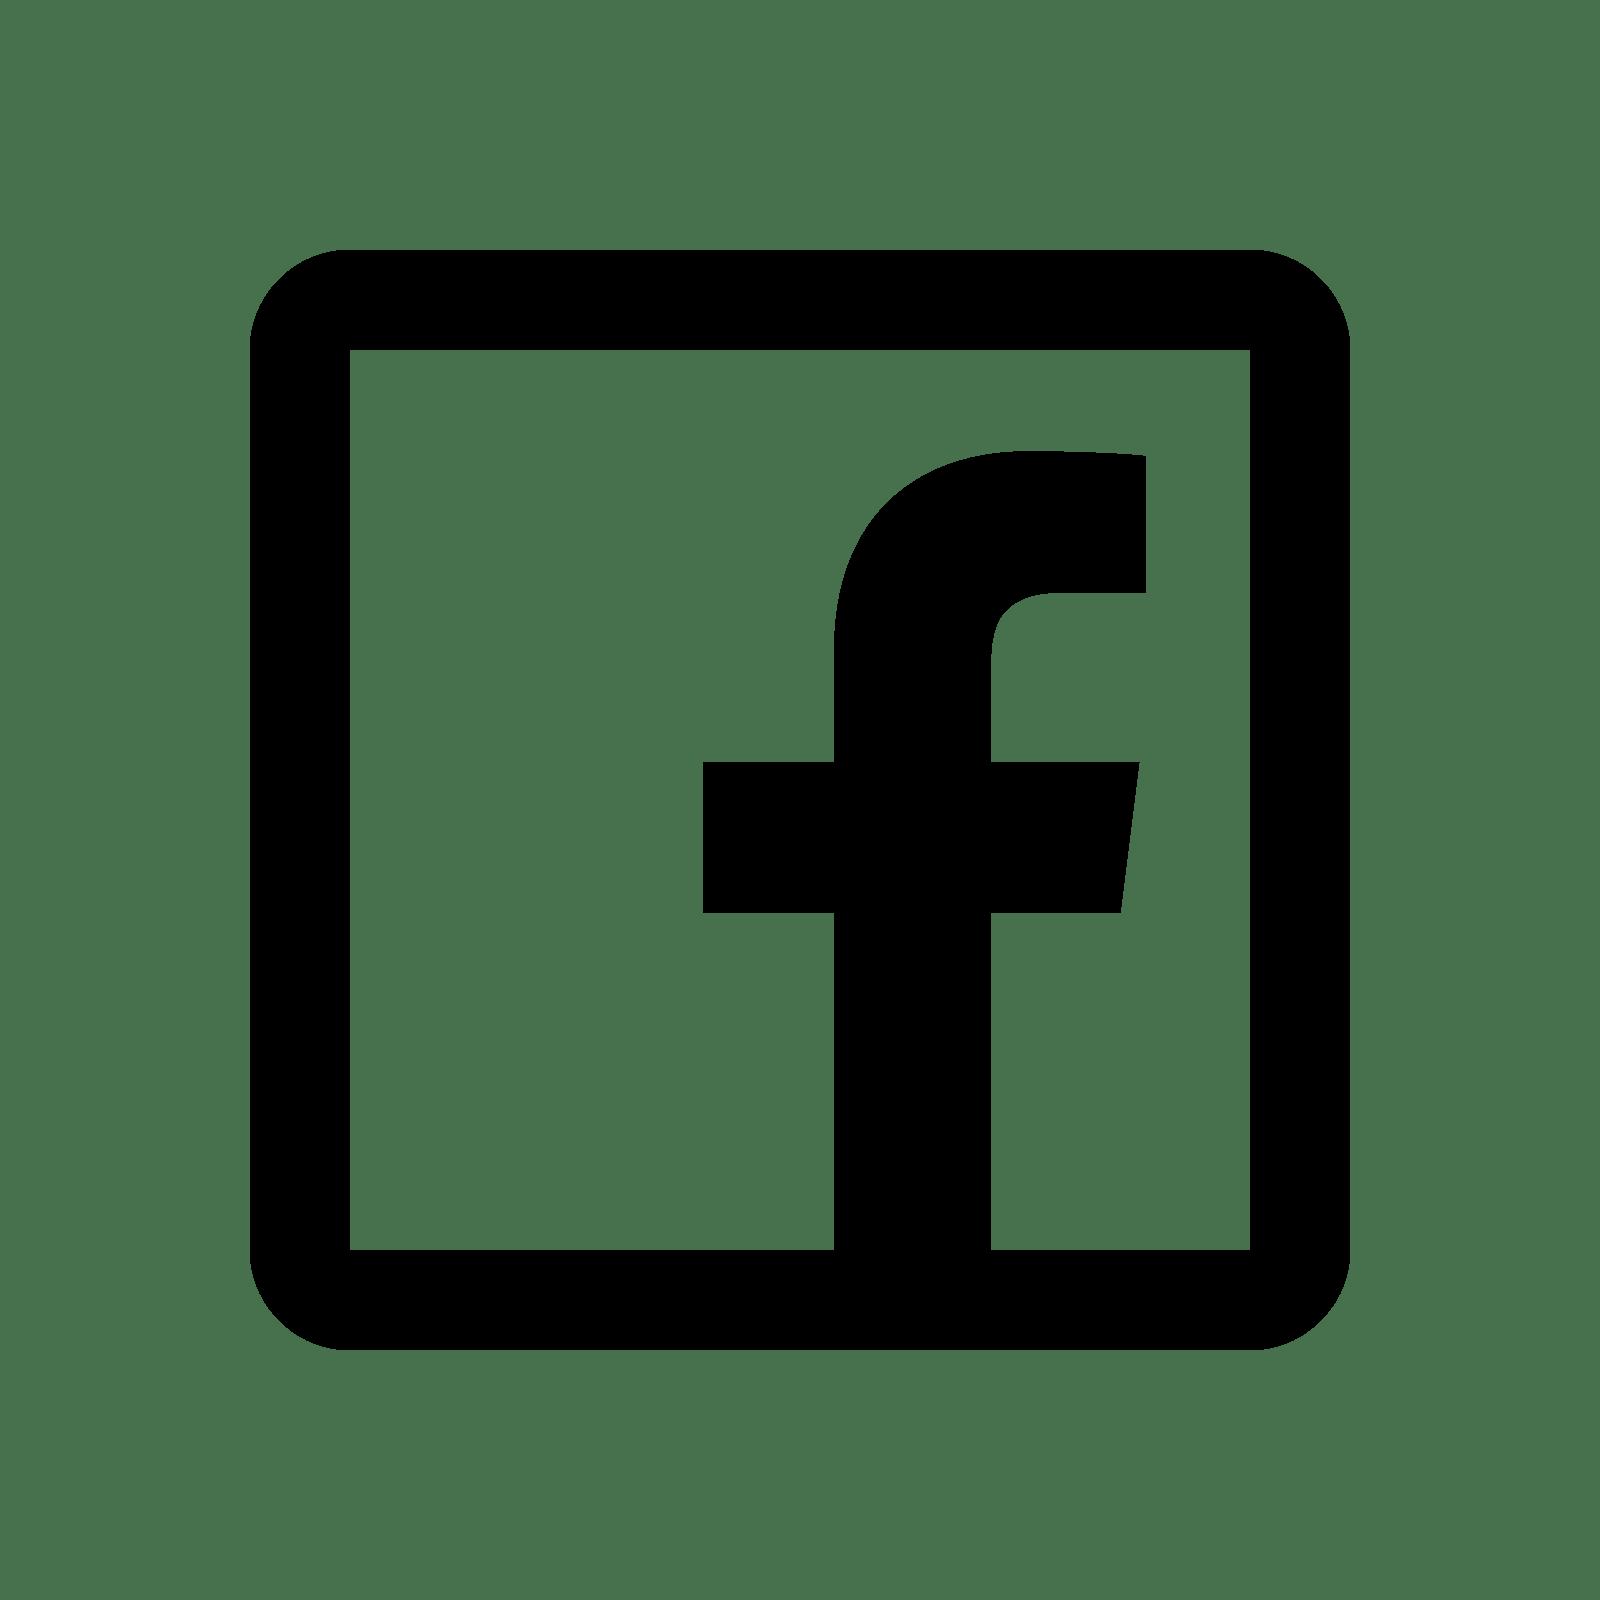 Visiter notre Facebook